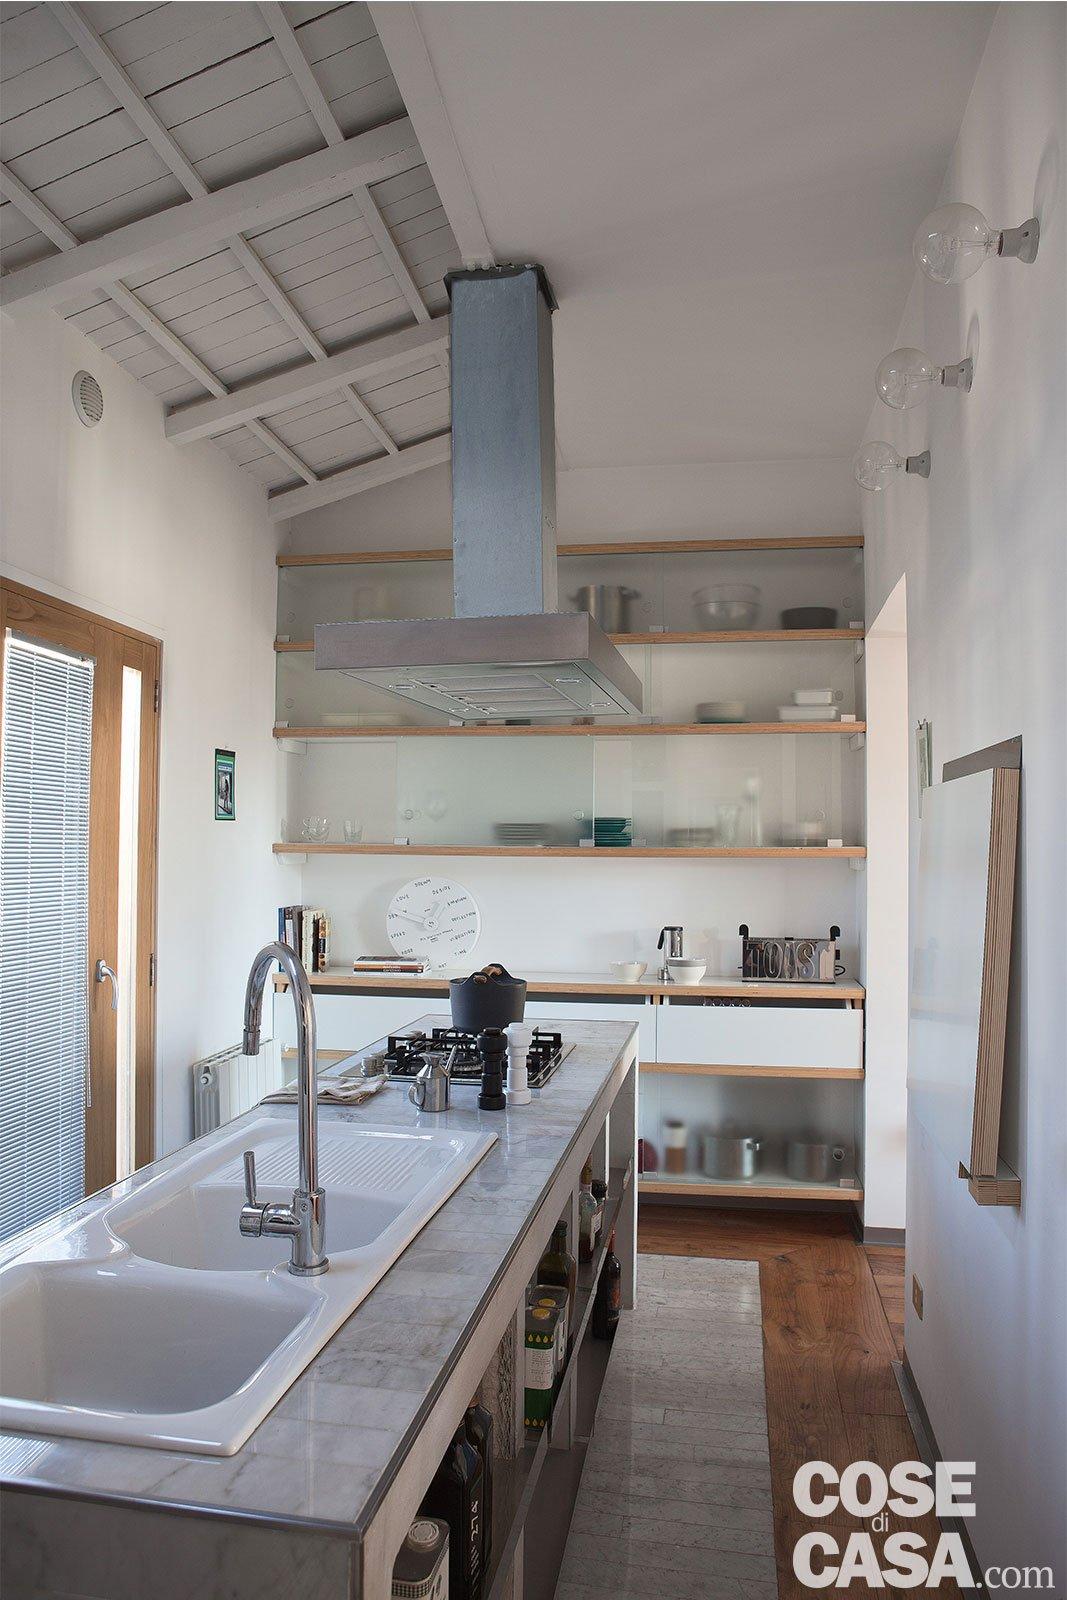 80 mq con pareti apribili che trasformano l 39 open space in for Idee per arredare un trullo